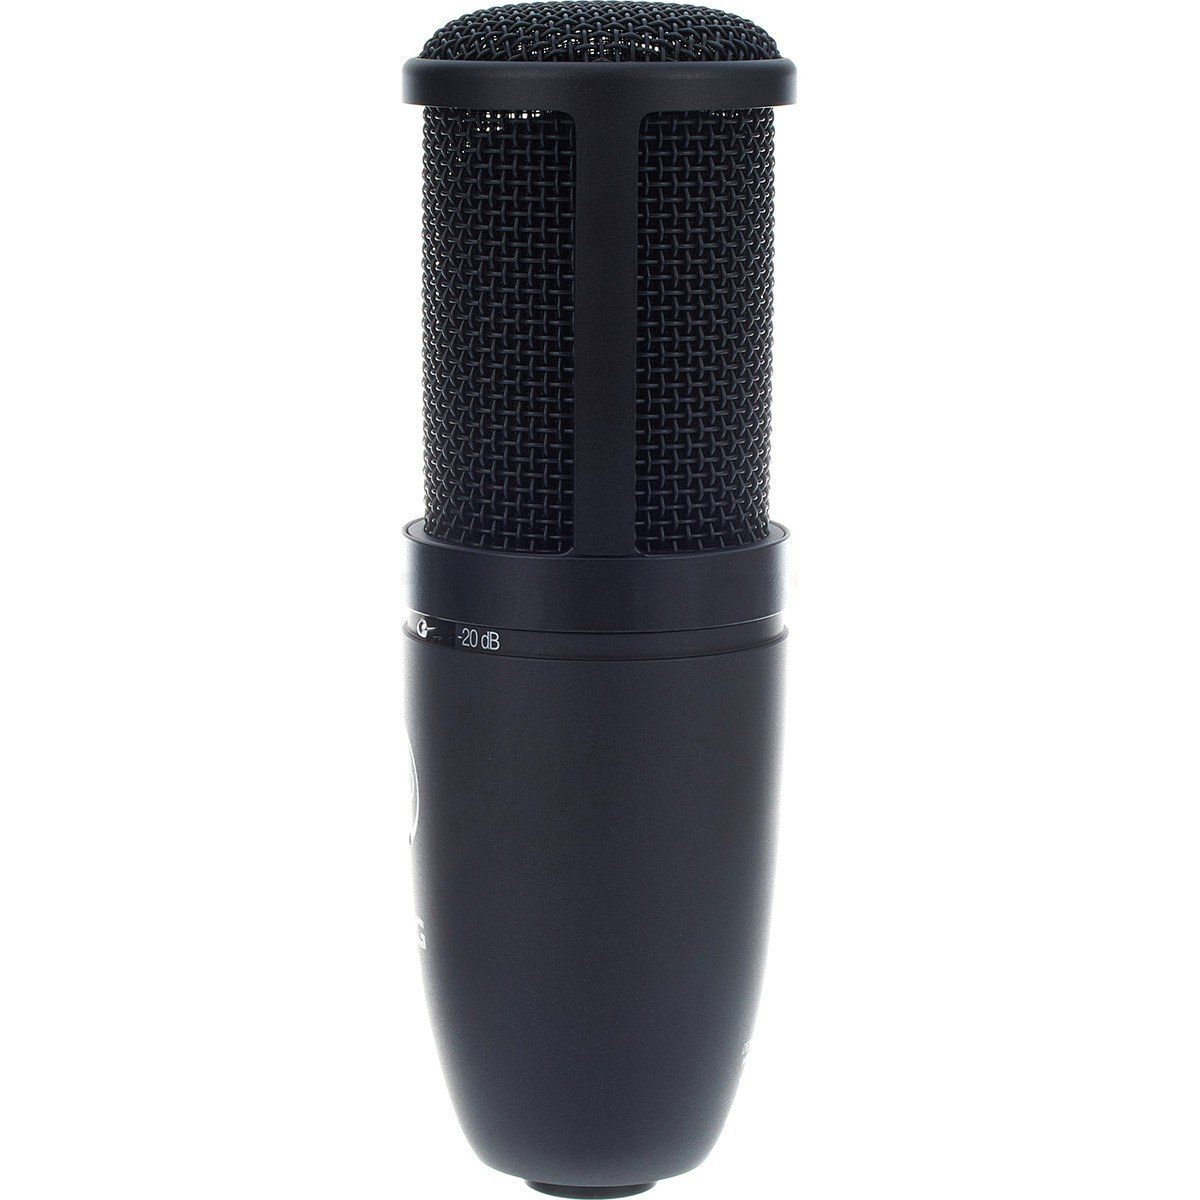 Akg P120 Microfone Condensador Akg P1II0 para Vocais e Instrumentos